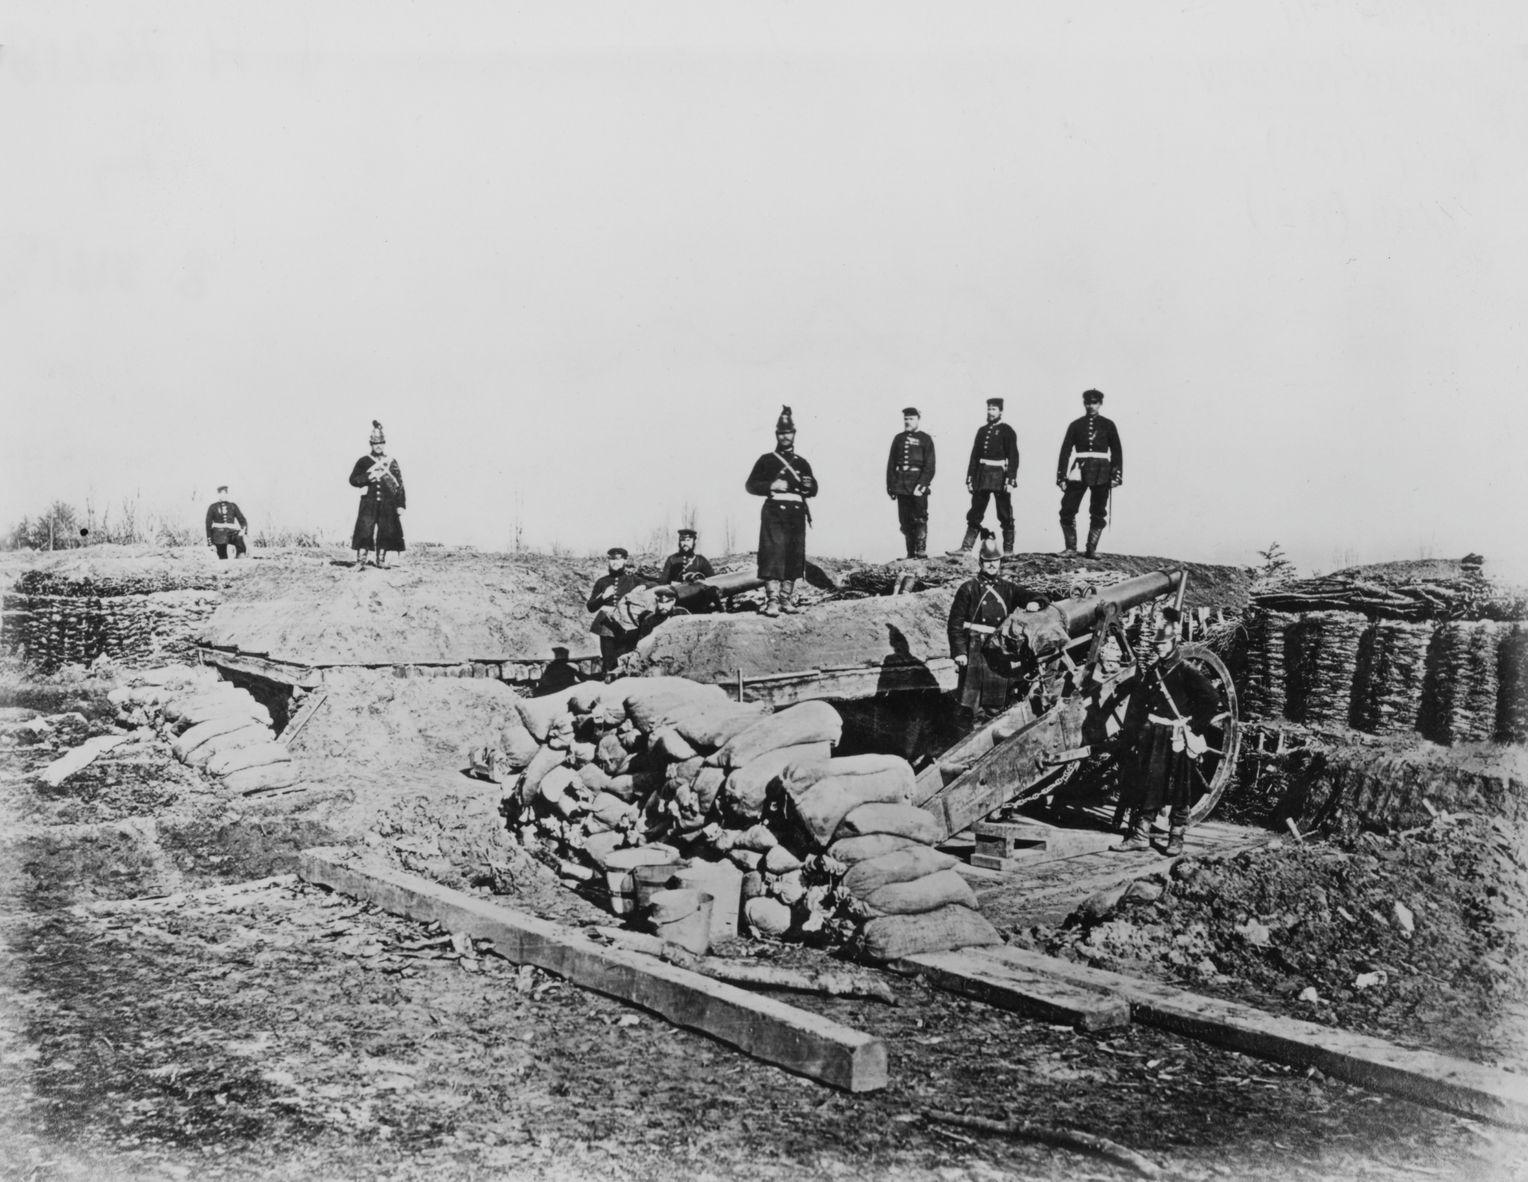 С этой артиллерийской позиции прусская батарея нацелила свои орудия во время осады Парижа (фото от 1 октября 1870 г.).  Фото: Архив Халтона / Getty Images